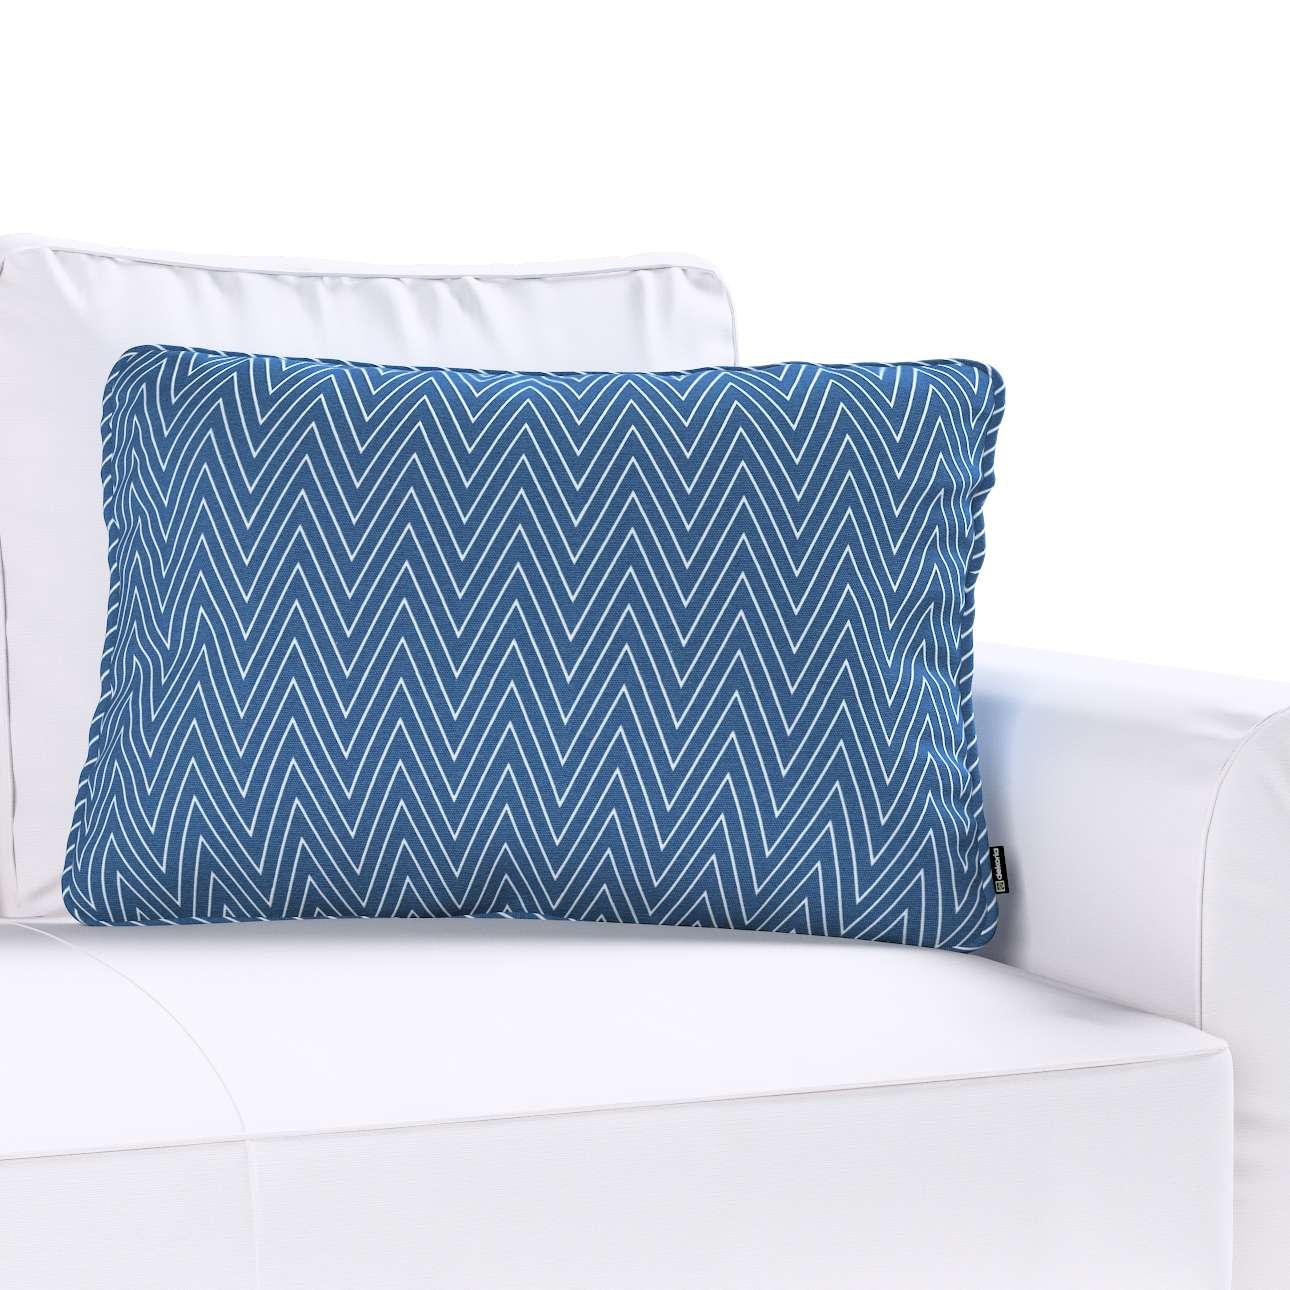 Poszewka Gabi na poduszkę prostokątna 60x40cm w kolekcji Brooklyn, tkanina: 137-88